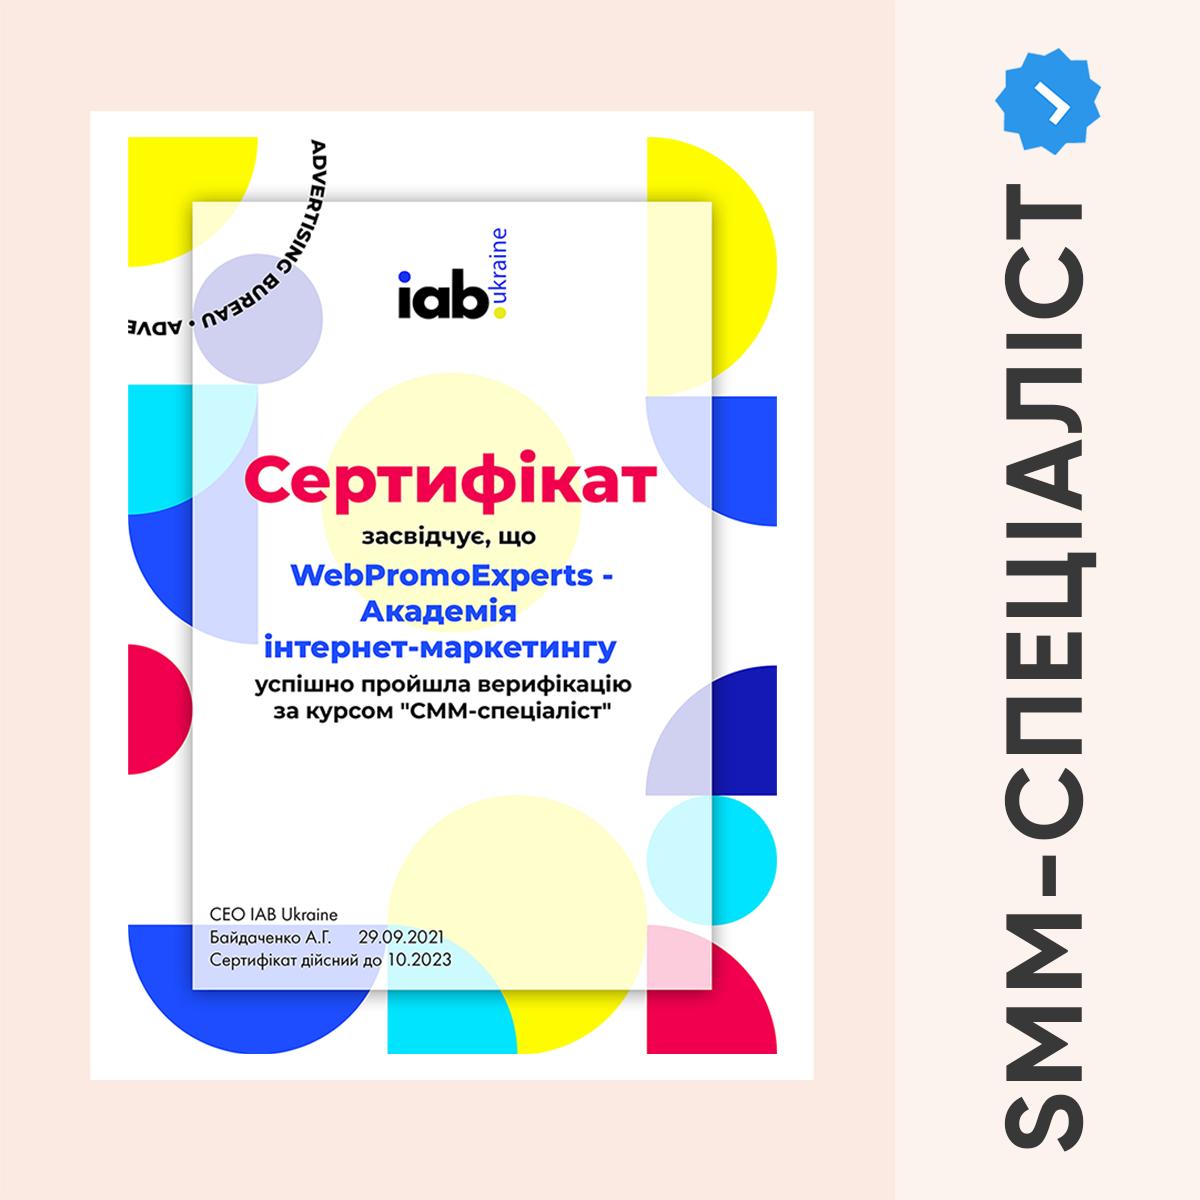 Сертифікат IAB